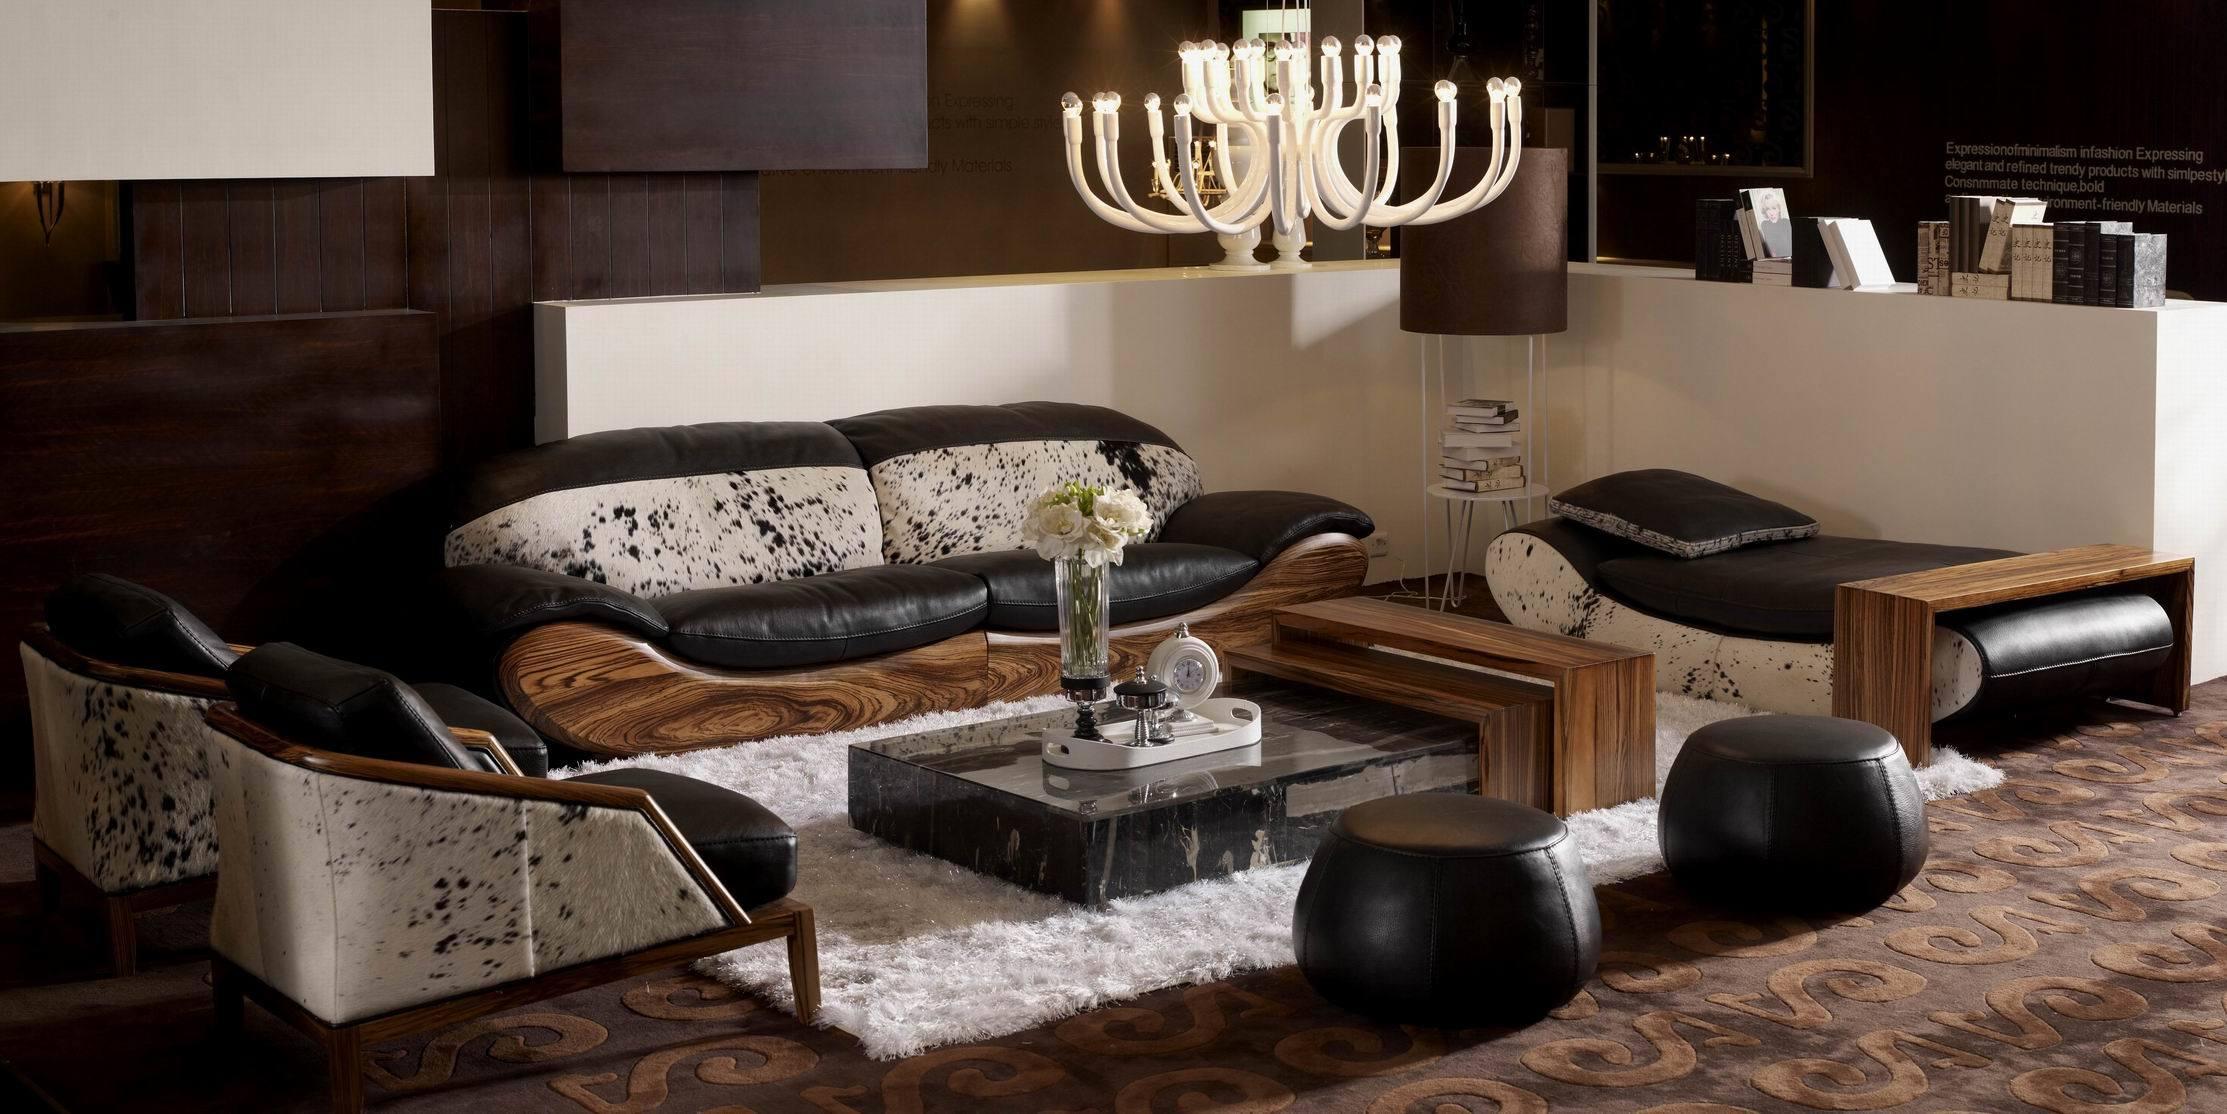 wohnzimmer sofa | jtleigh.com - hausgestaltung ideen - Wohnzimmer Sofa